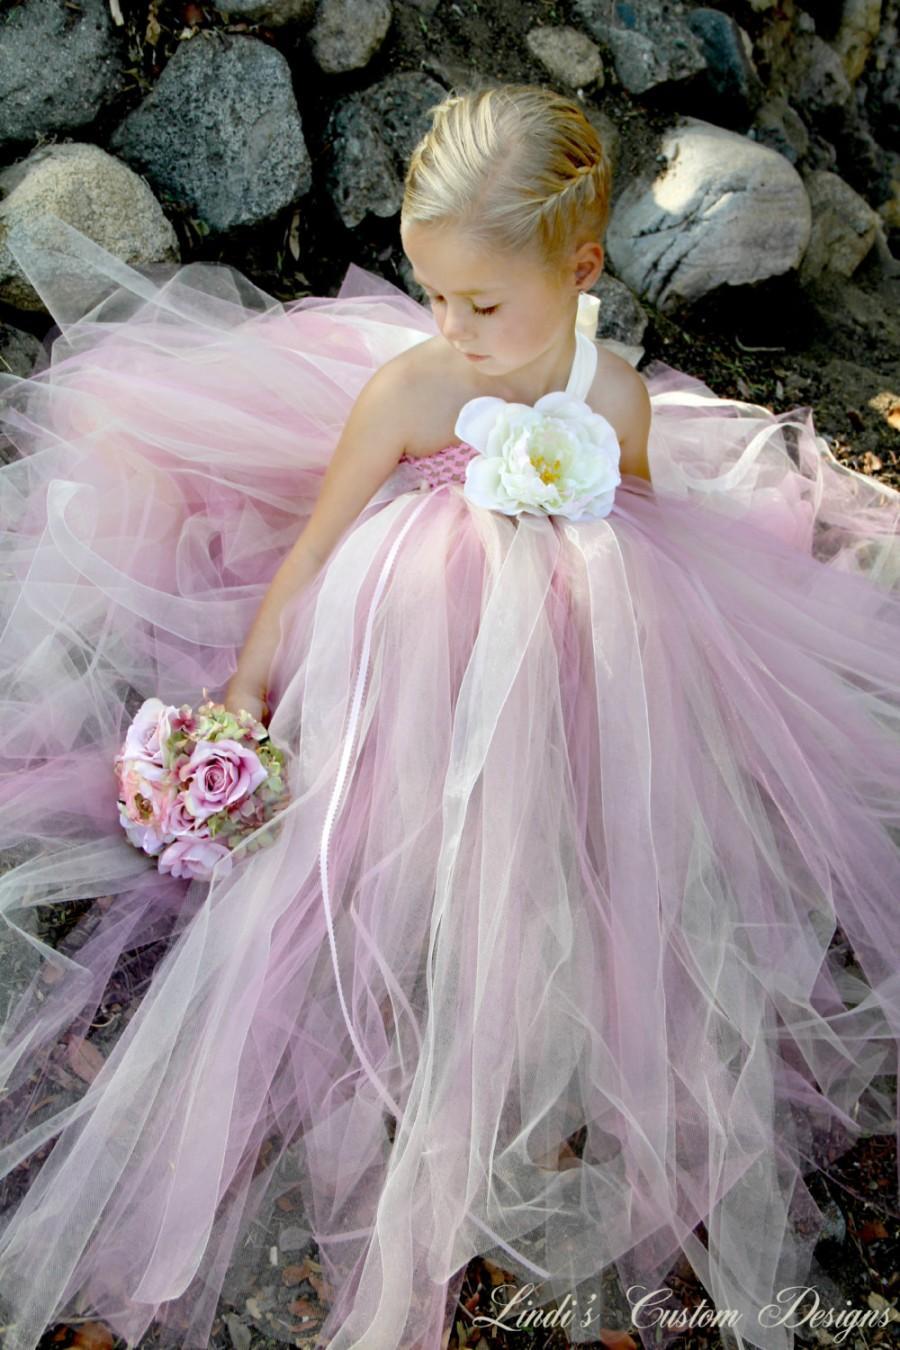 زفاف - Wedding, Bridal, Flower Girl Rose Pink and Champagne Tulle Tutu Dress for Weddings, Blush, Pageants, Special Occasion Photography